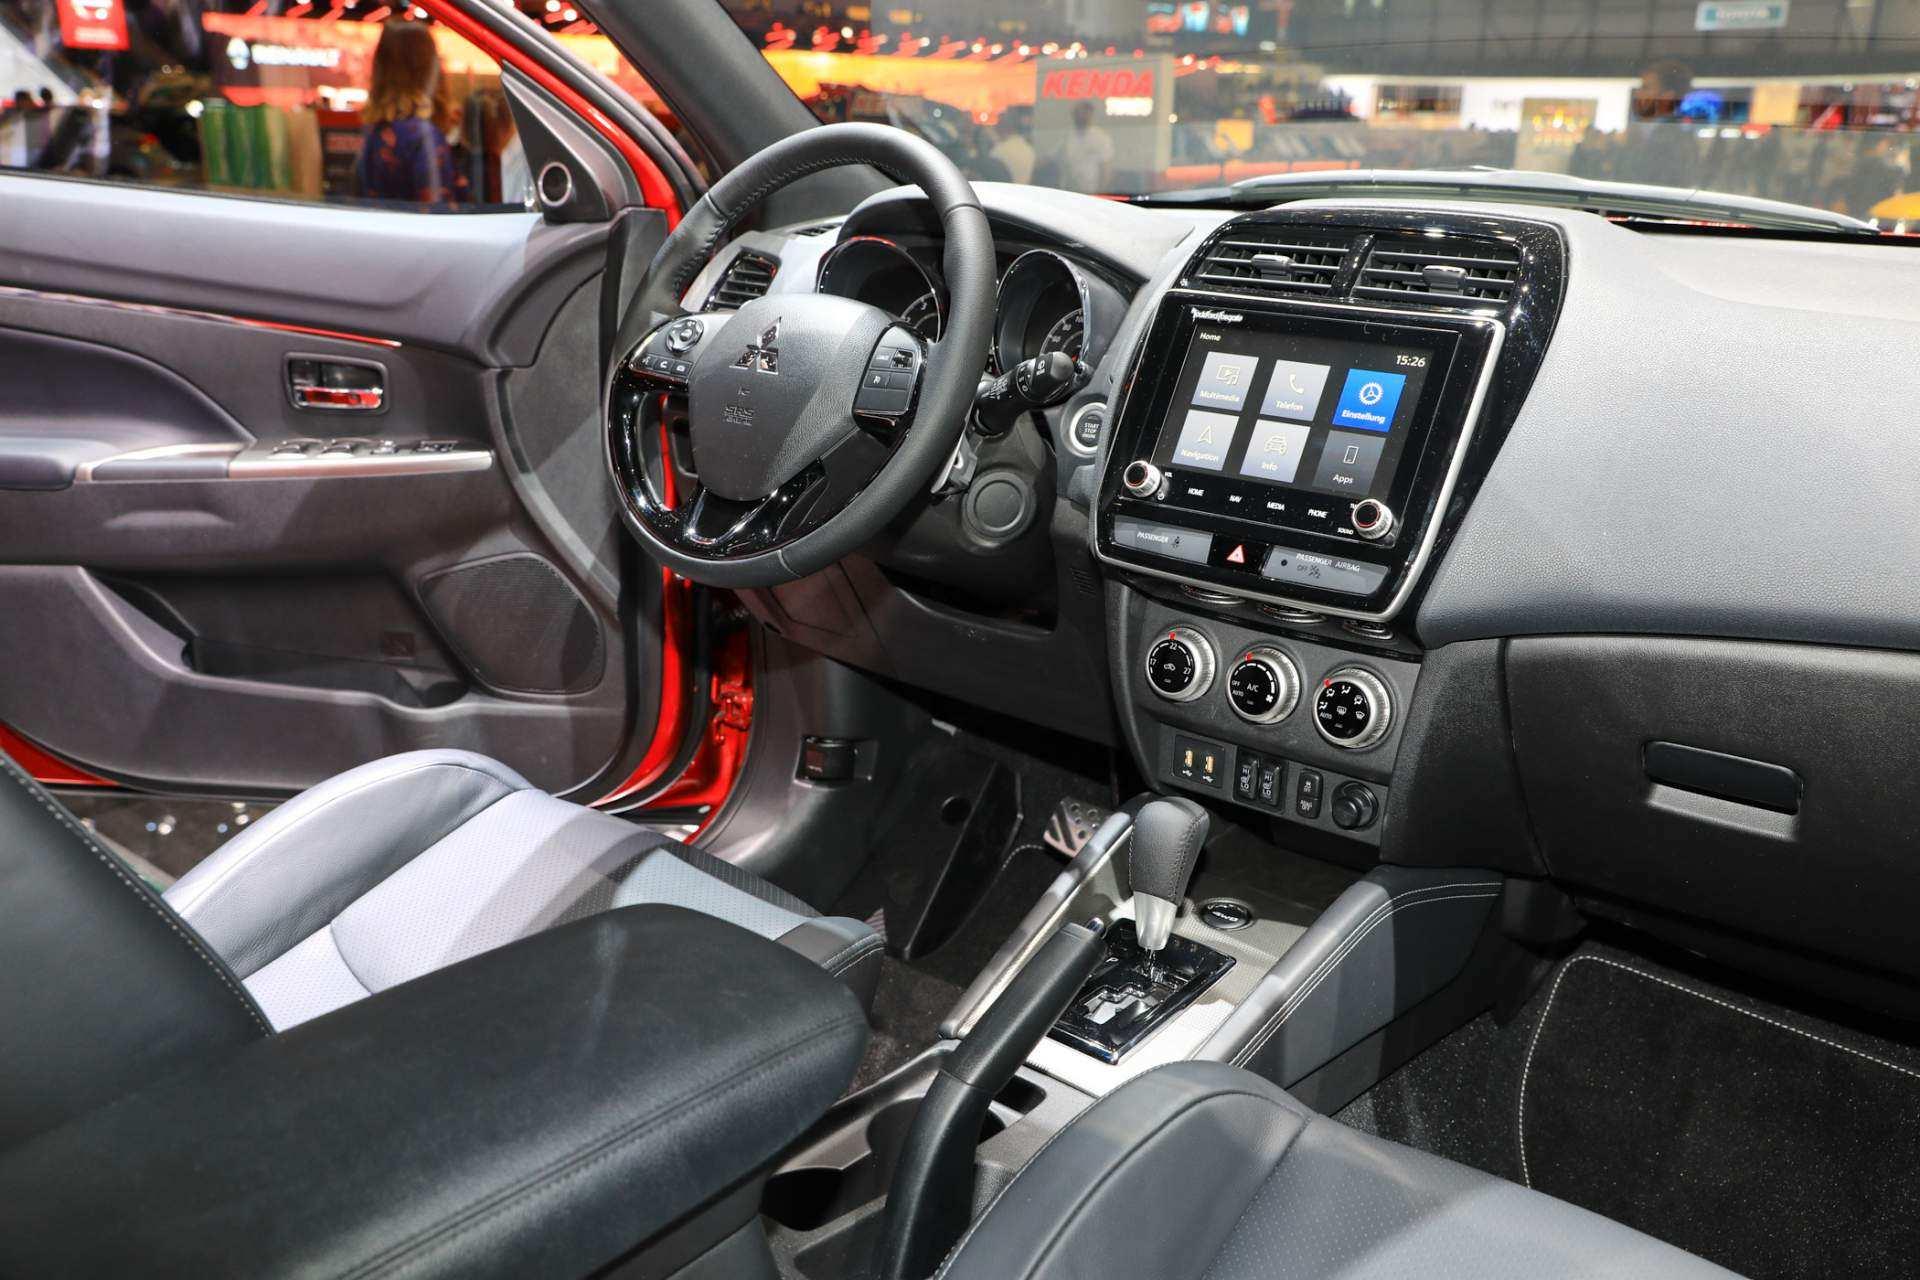 88 New Mitsubishi Outlander 2020 Interior Specs for Mitsubishi Outlander 2020 Interior